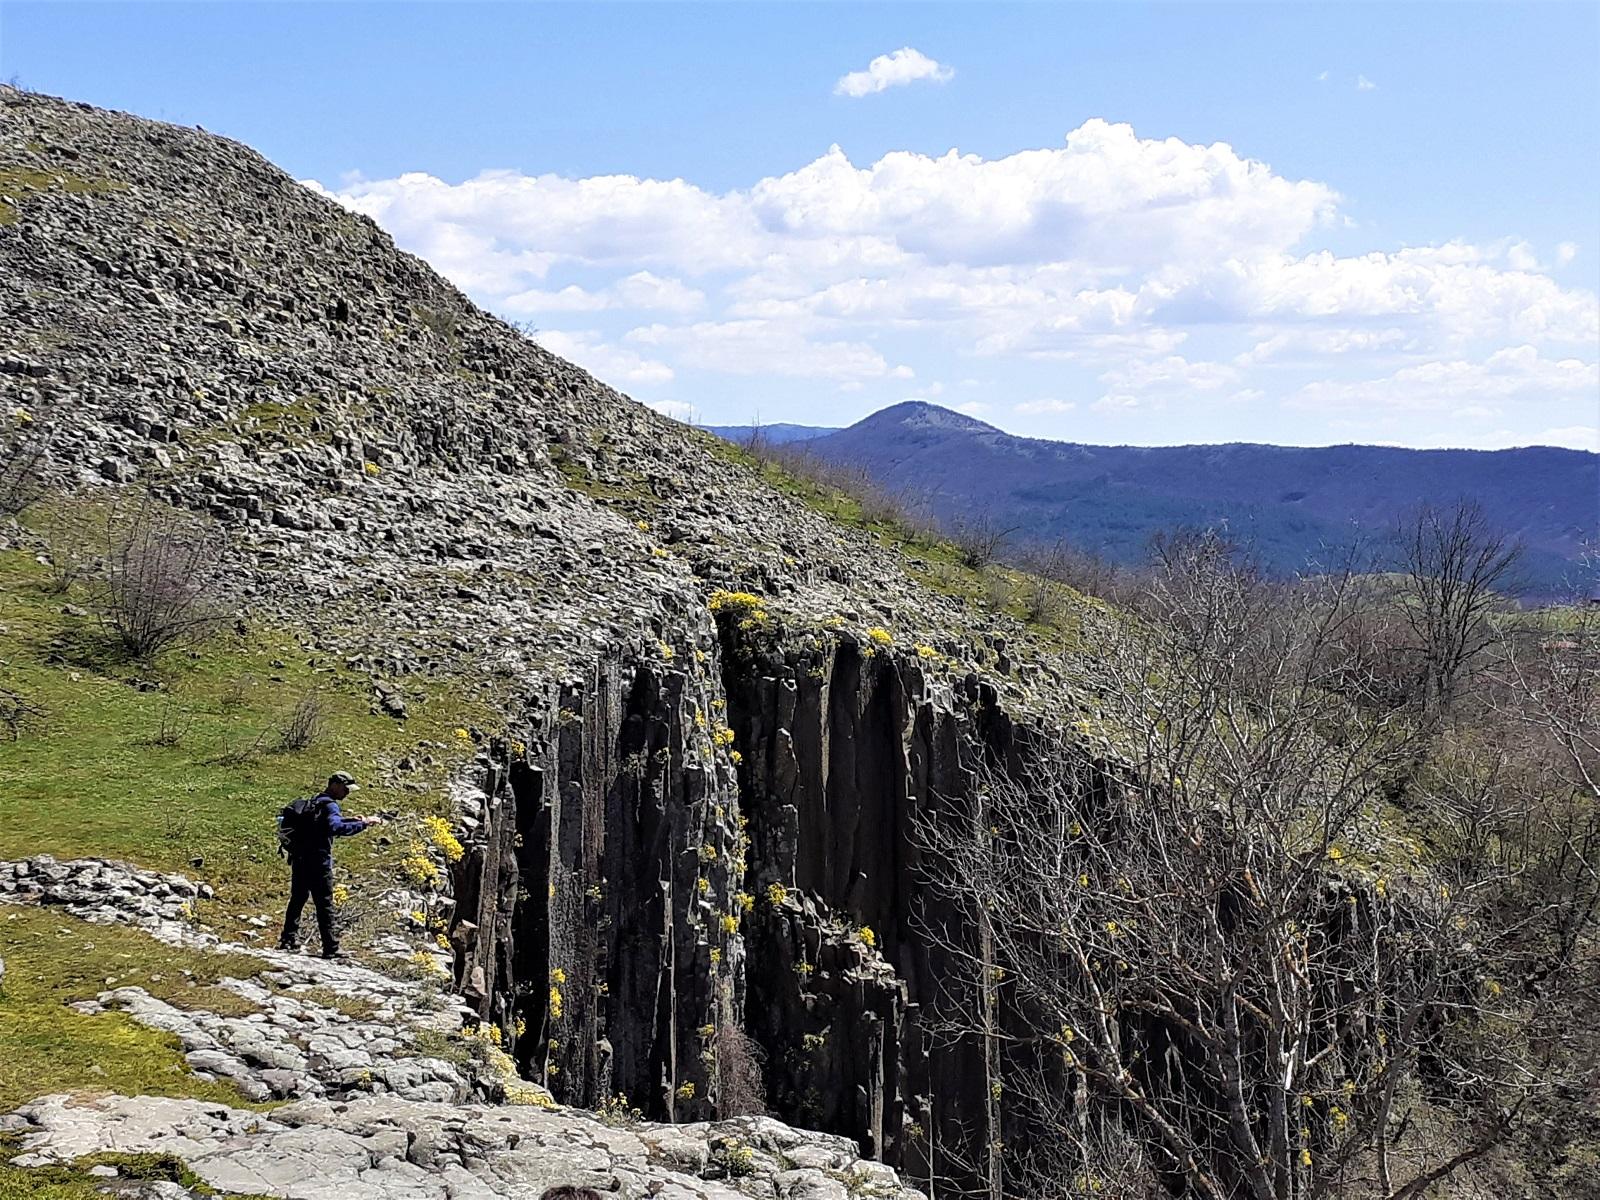 Водопад на сътворението при село Долна кула - гледка отгоре